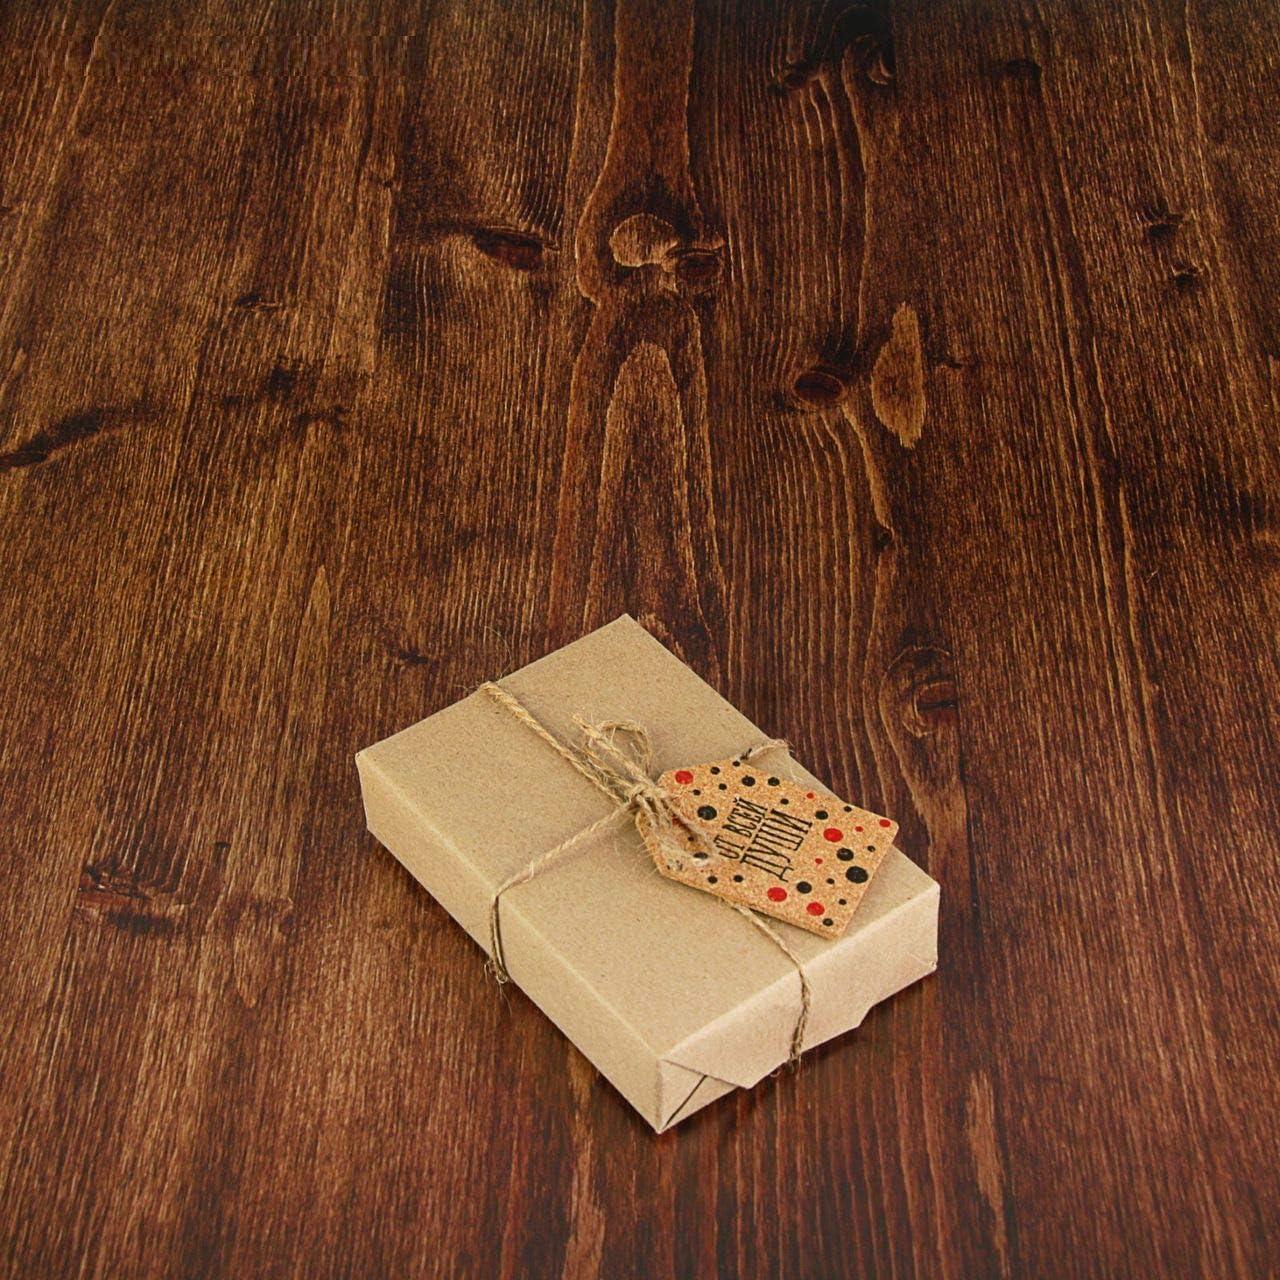 Backgrounds Texture Picture 130g//m 70 x 100cm Paper Photo Shoots Paper Grey White Wood Backgrounds Paper Construction Paper